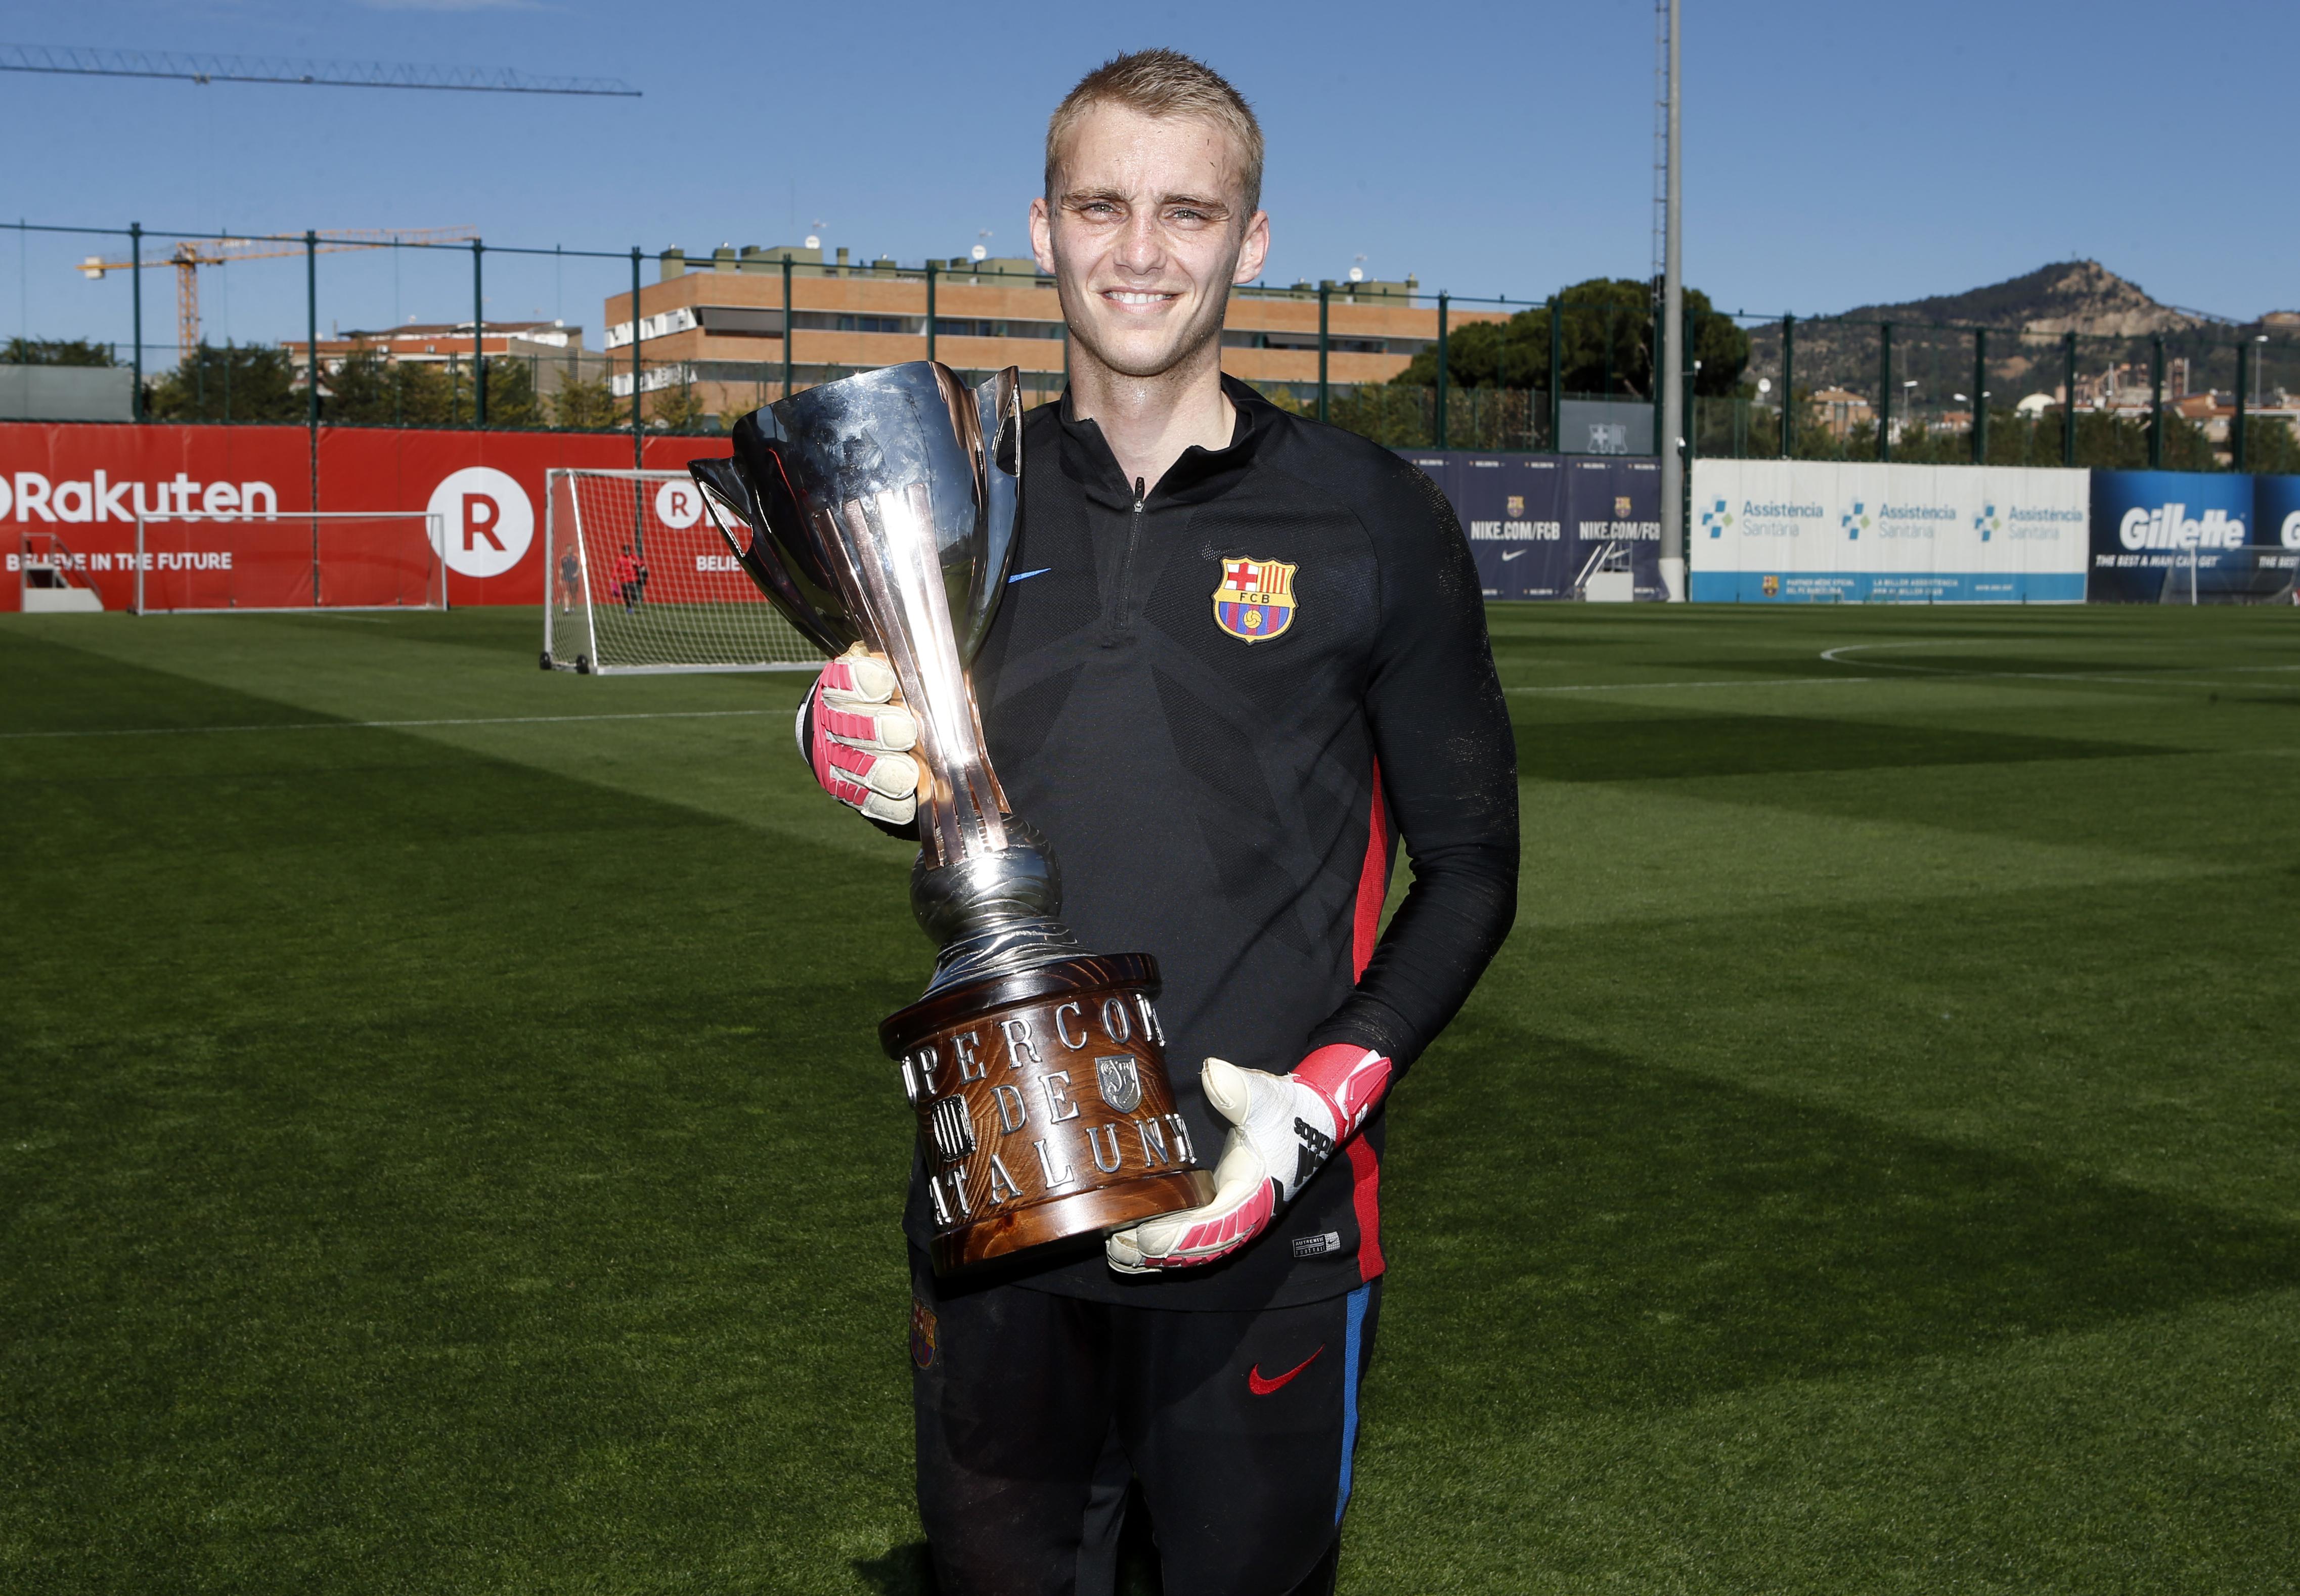 Miguel Ruiz / FCB